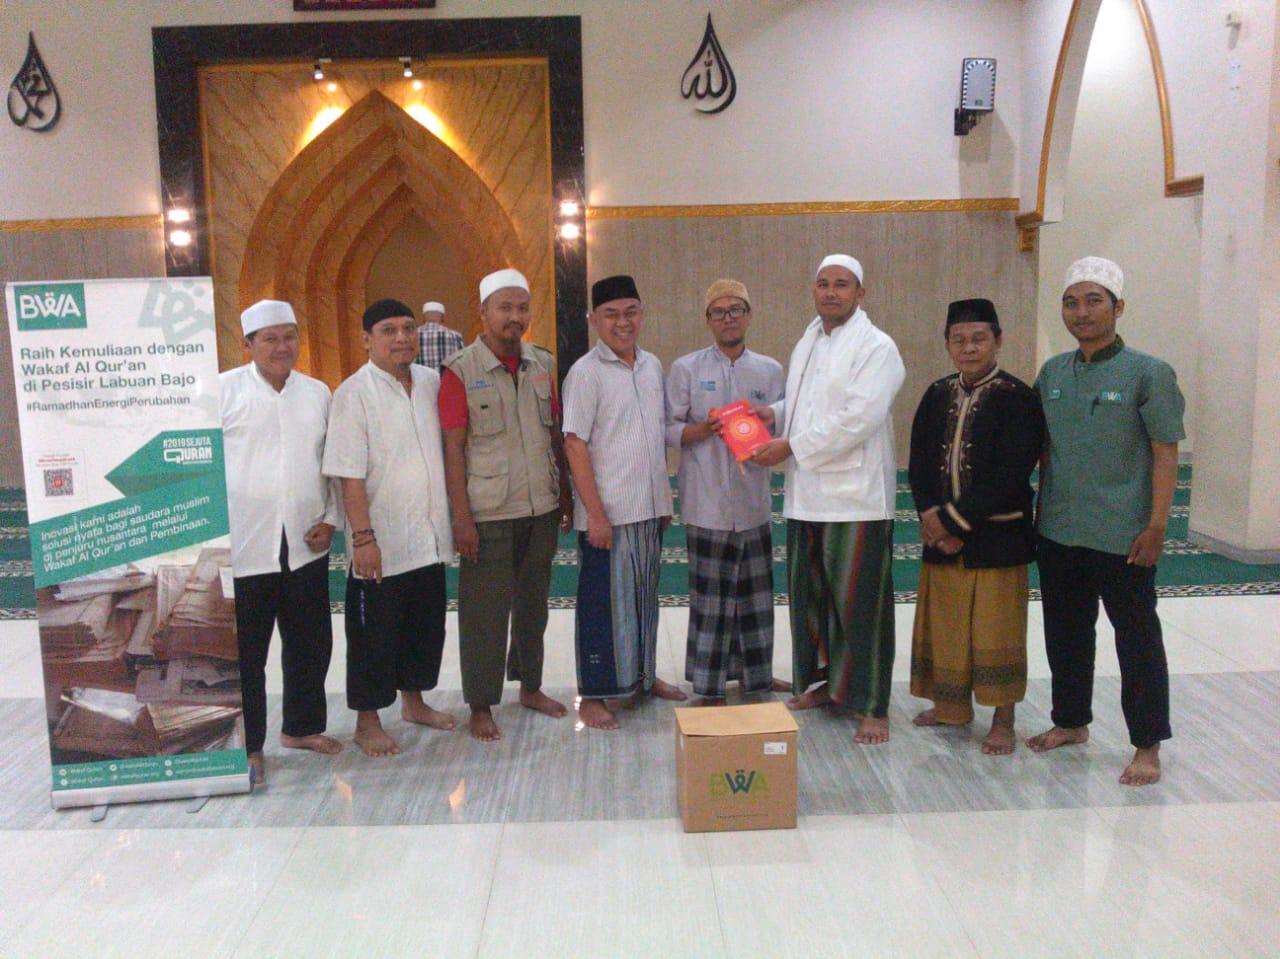 Program Wakaf al Quran